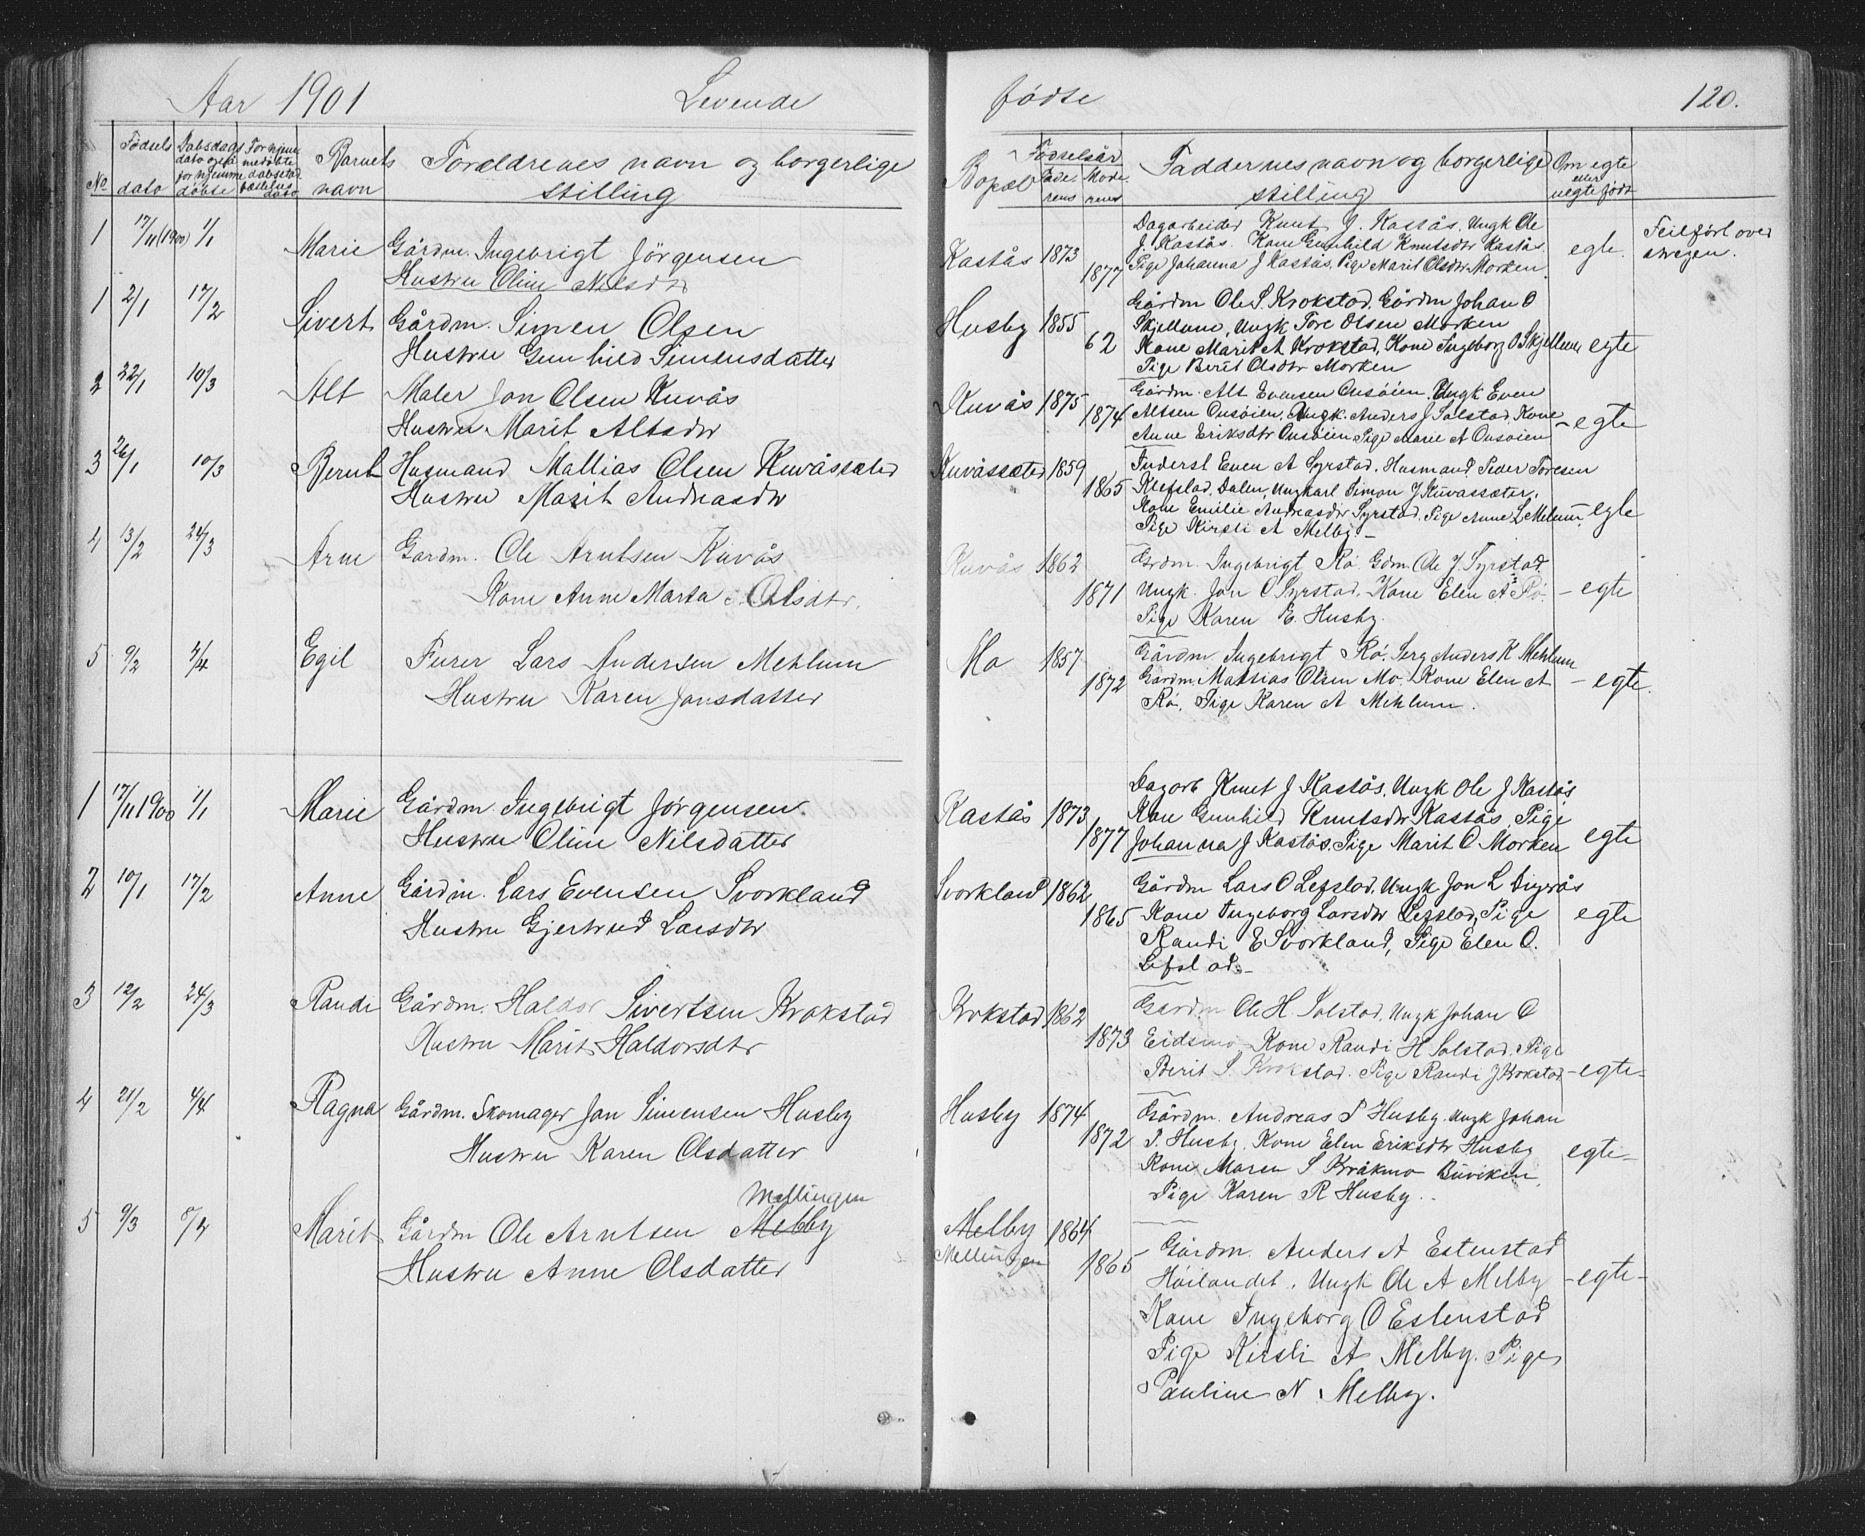 SAT, Ministerialprotokoller, klokkerbøker og fødselsregistre - Sør-Trøndelag, 667/L0798: Klokkerbok nr. 667C03, 1867-1929, s. 120